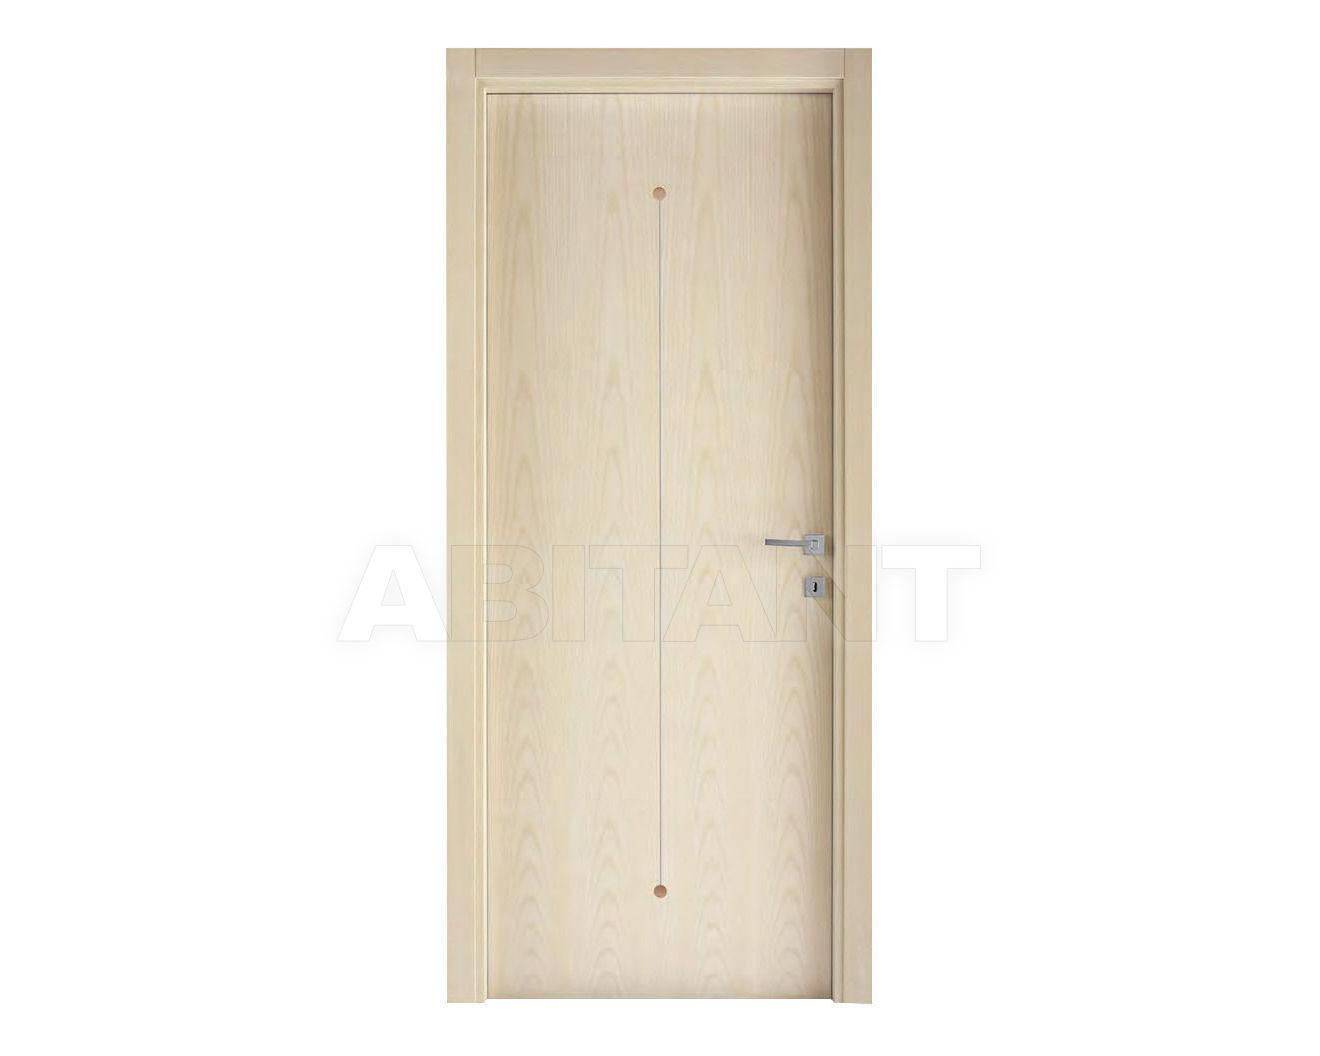 Купить Дверь деревянная Fioravazzi Lisce CAMILLA 1 CRIStALLIZEd